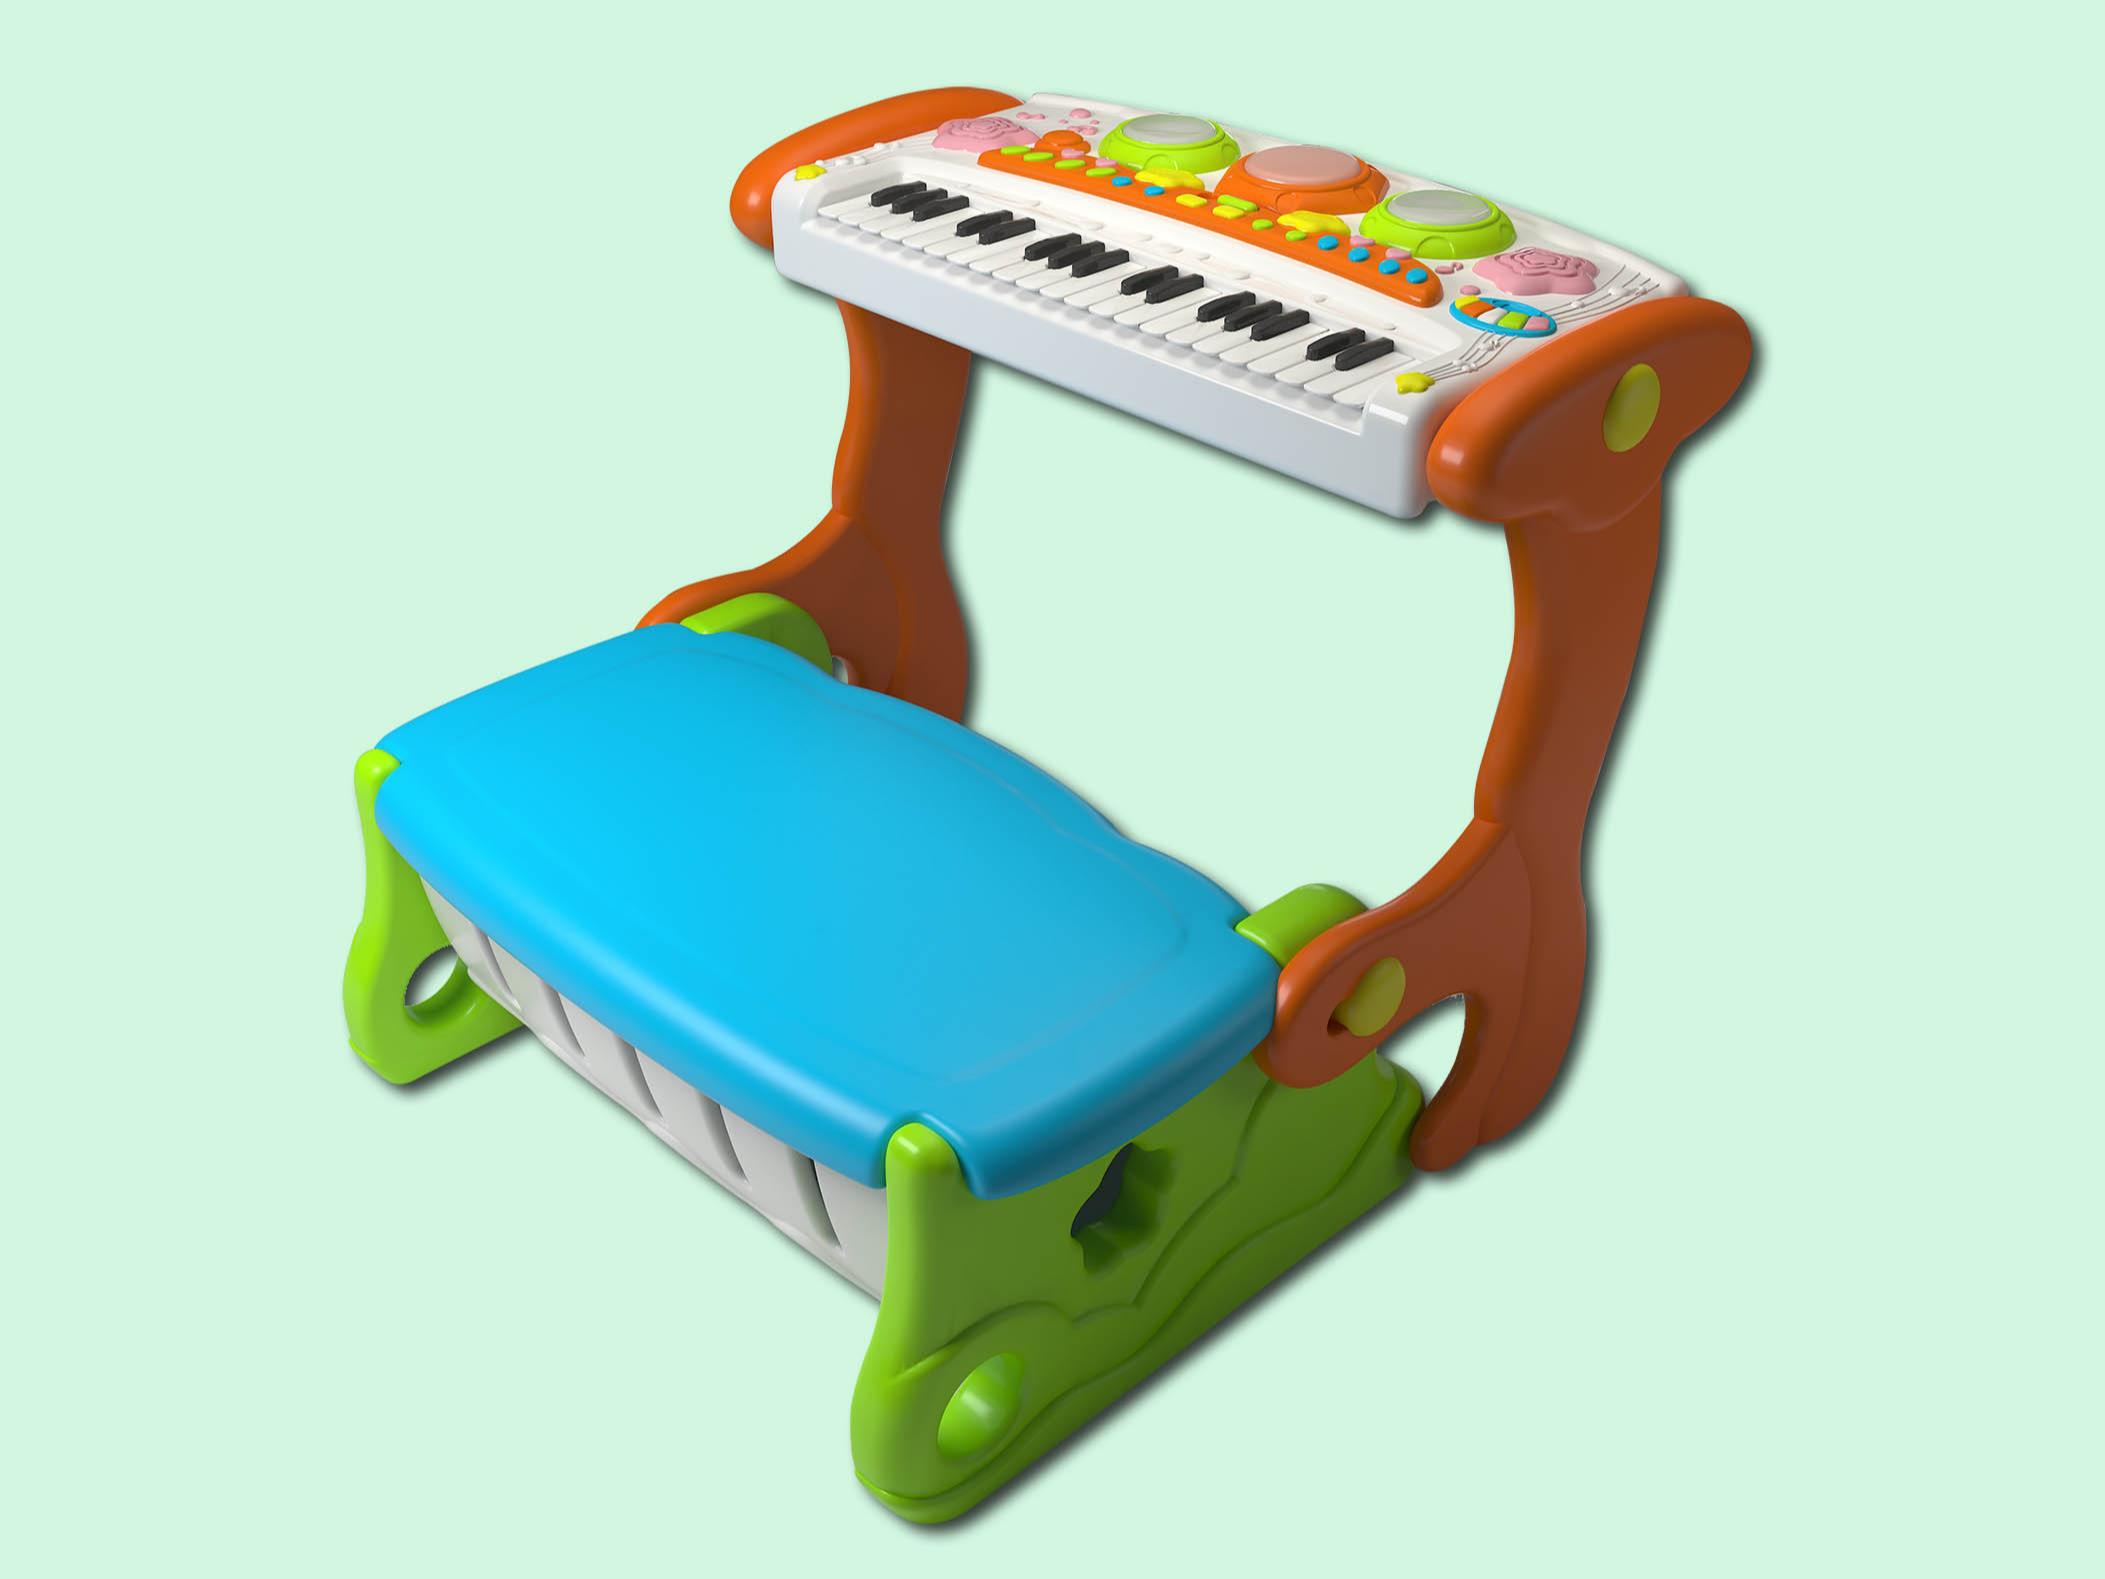 多功能椅子电子琴